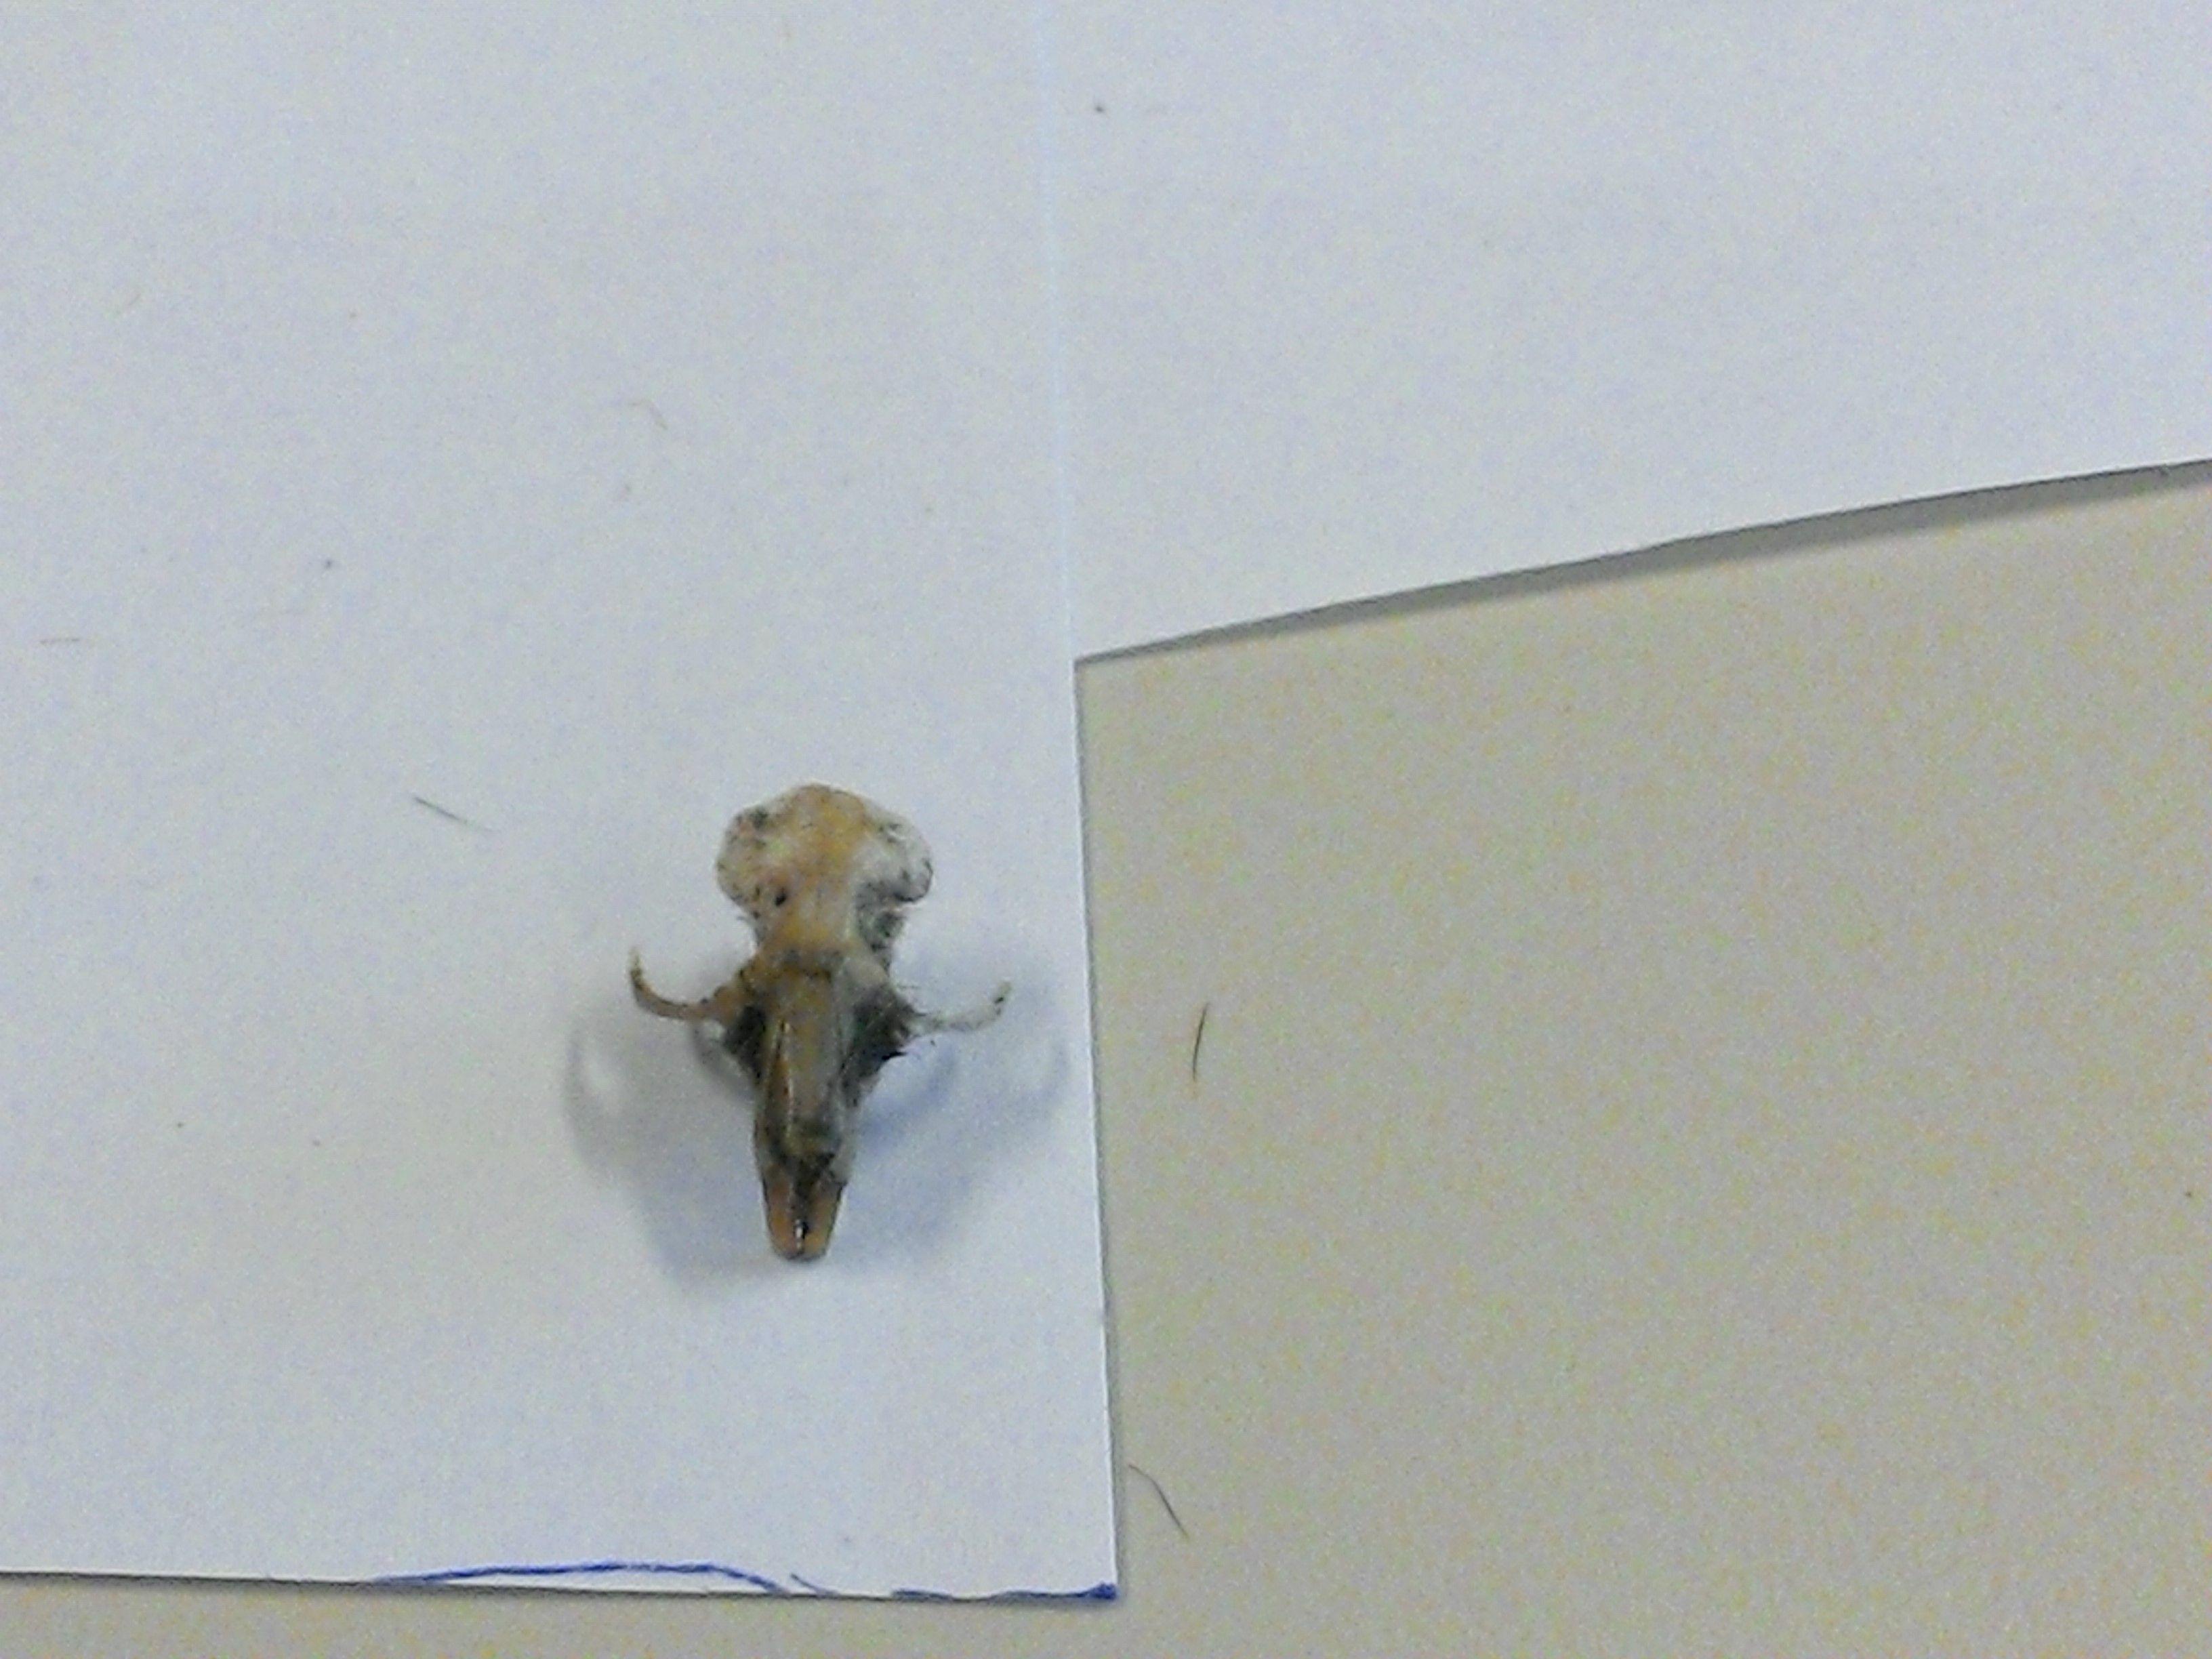 een schedel van een dwerg muis